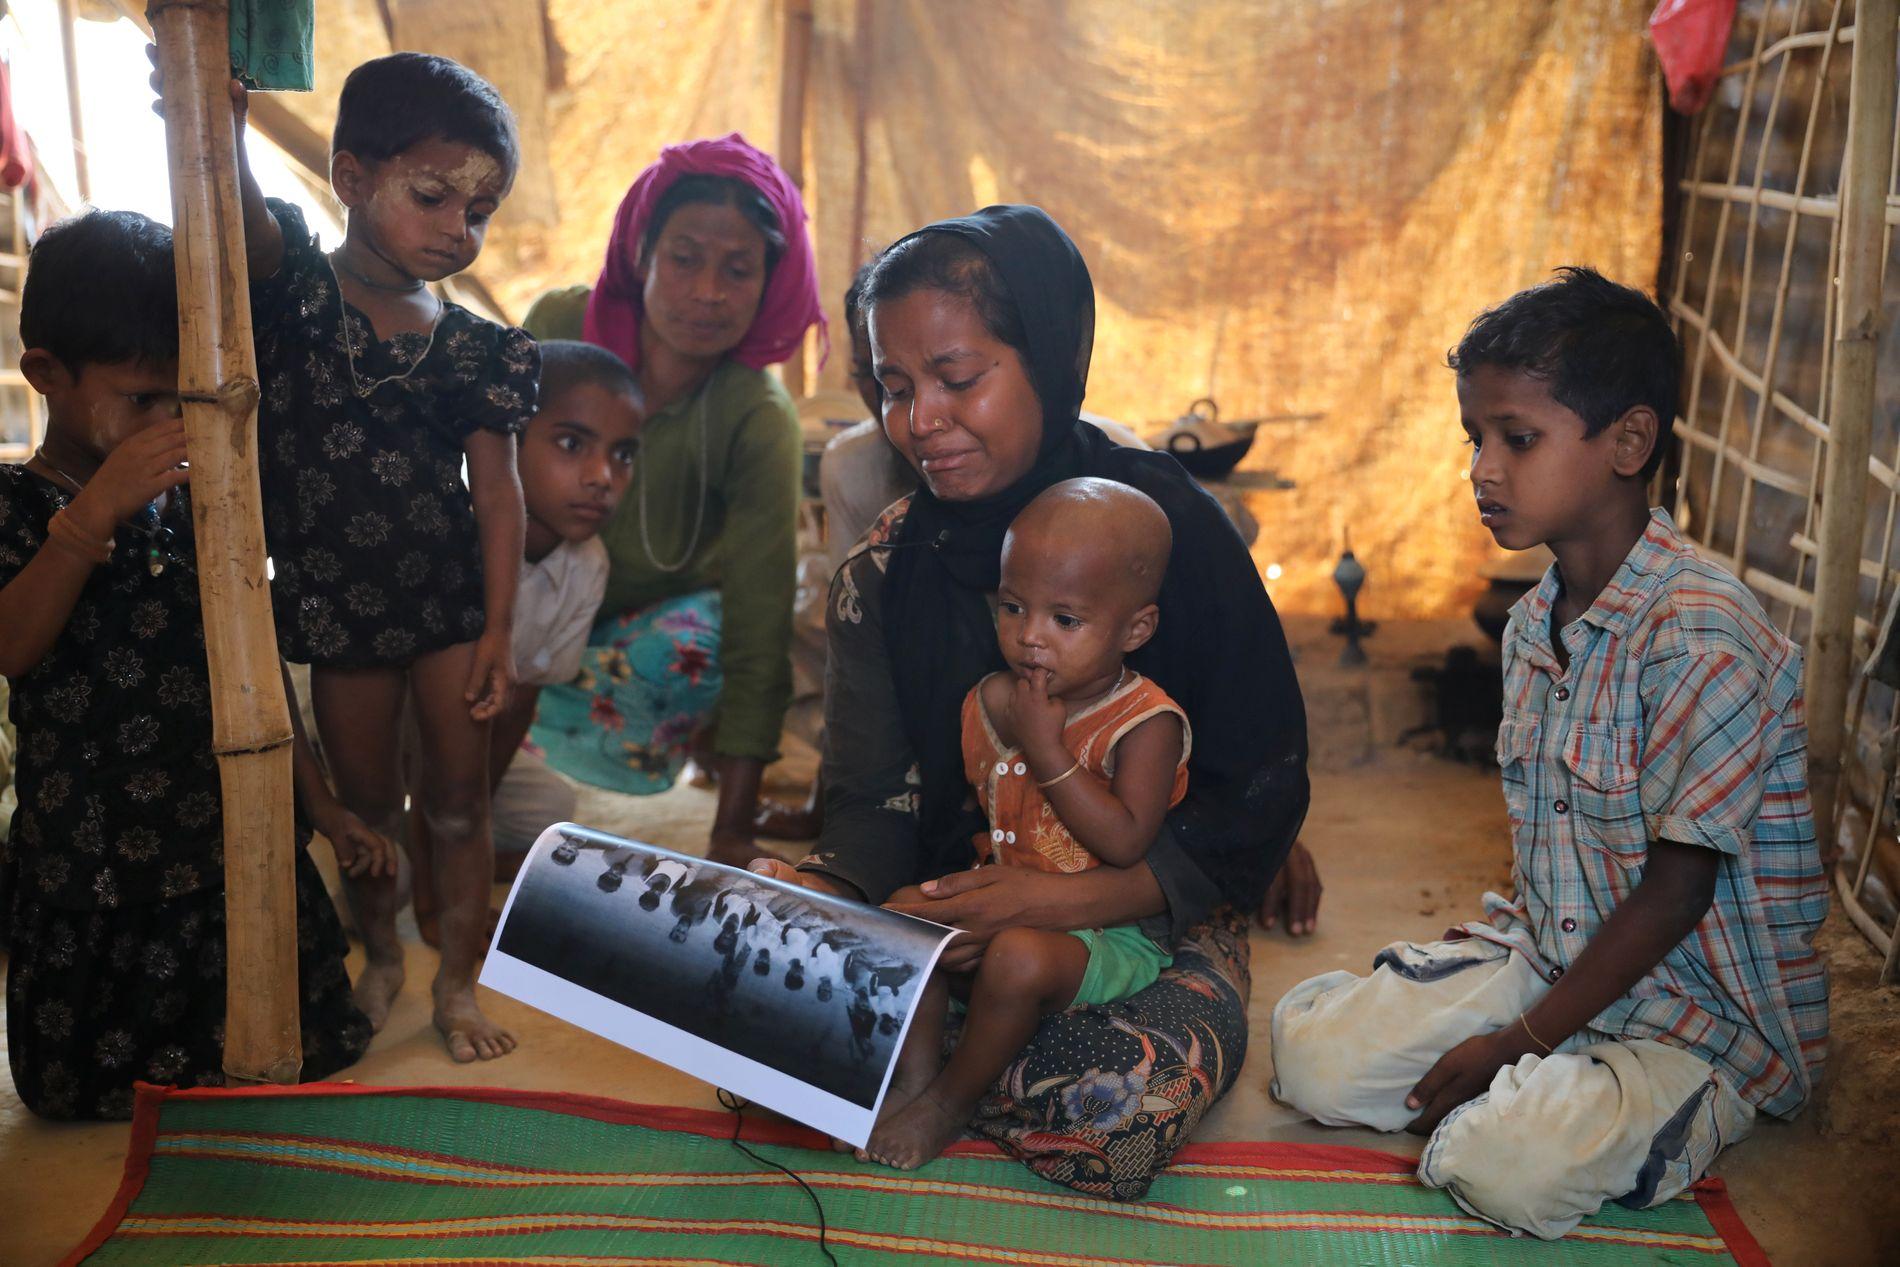 HAN KRANGLET ALDRI: Settara Begum, 22, mistet mannen Shoket Ullah i massakren. Mannen min var snill. Han solgte fisk. Han kranglet aldri med noen, sier hun til Reuters. Hun flyktet med datteren som nå er 18 måneder gammel.